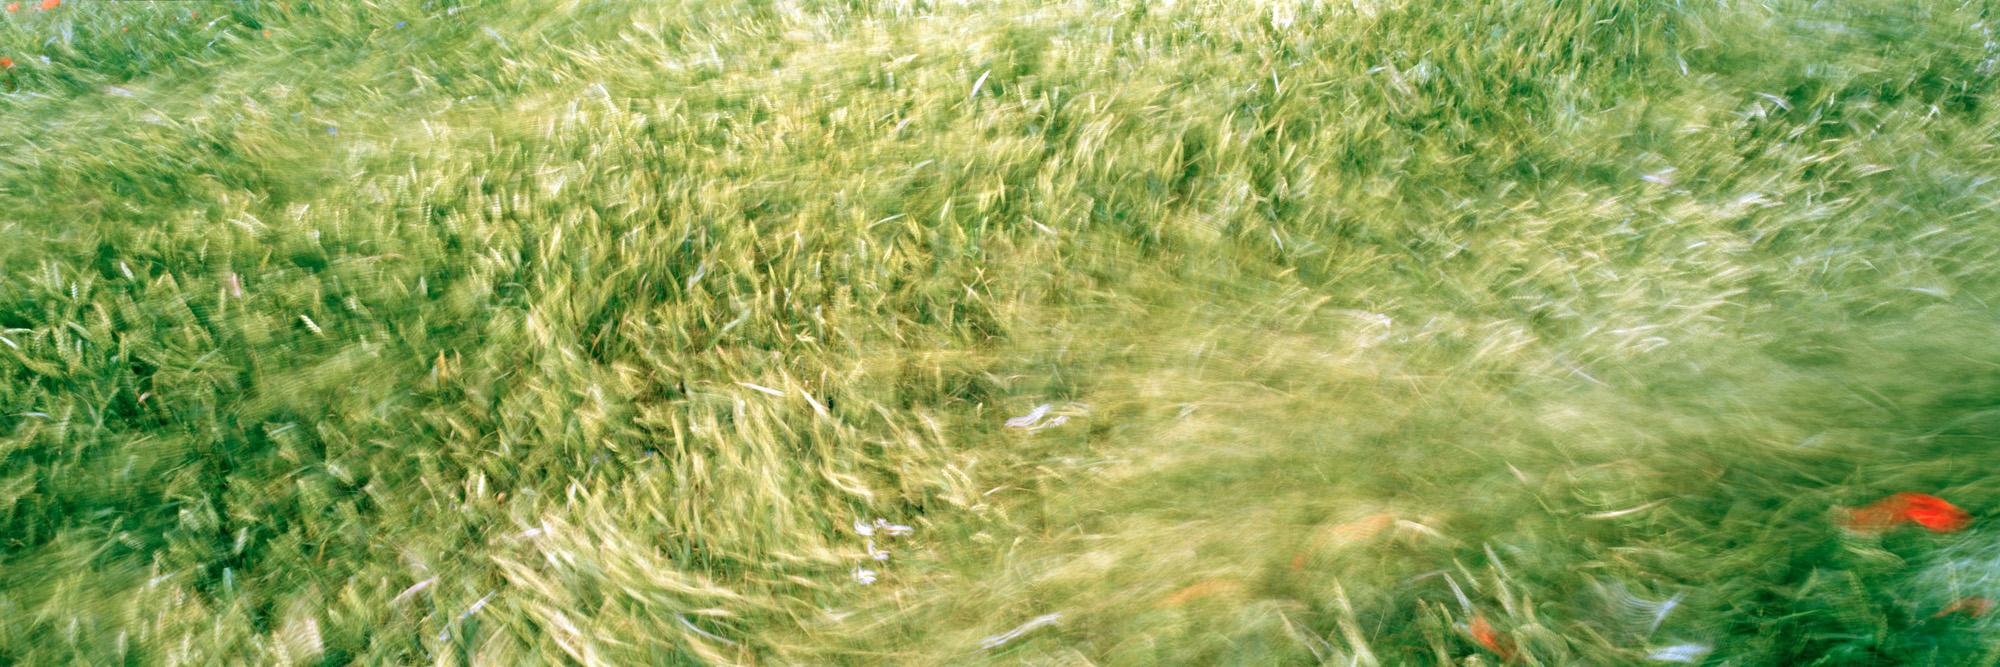 Brachland, Landschaft, Natur, analoge Fotografie, Großformat, Panoramafotografie, Markus Bollen, 6x17, grün, Leben, Wachstum, Frieden, Ruhe, Weizen, Weizenwind, Mohn, bewegt, Langzeitbelichtung